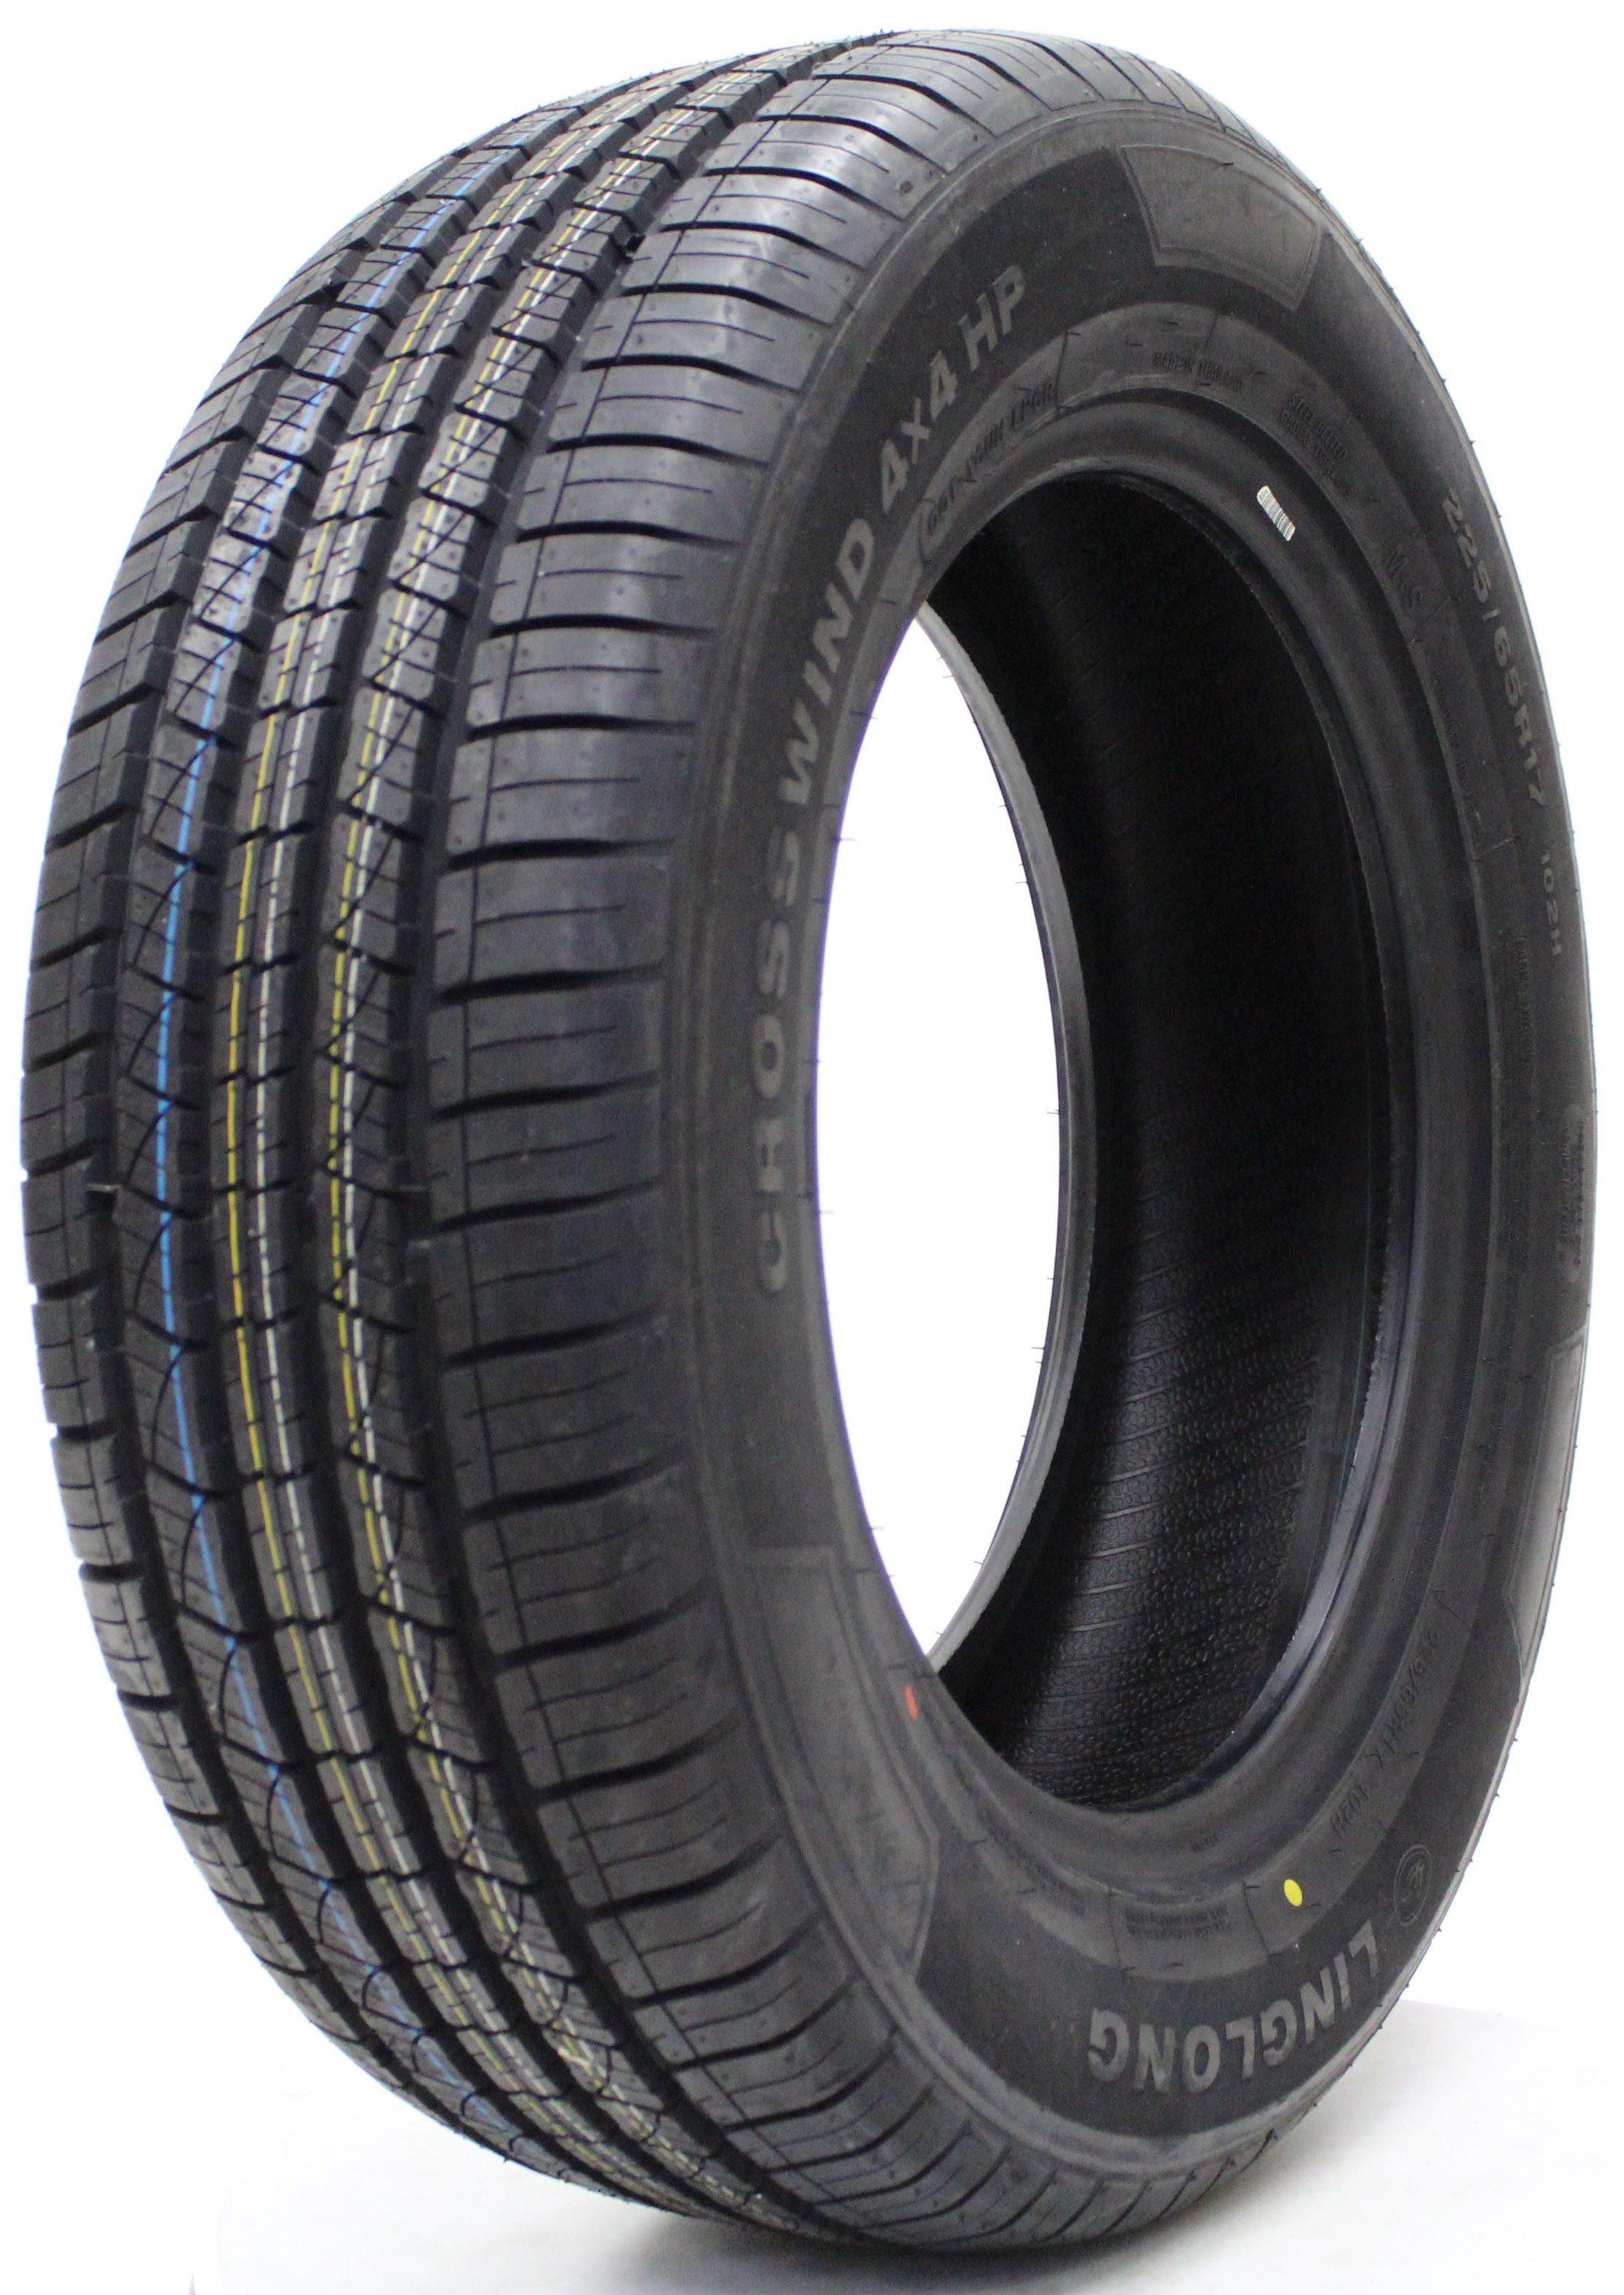 Crosswind 4X4 HP 245/65R17 111 H Tire